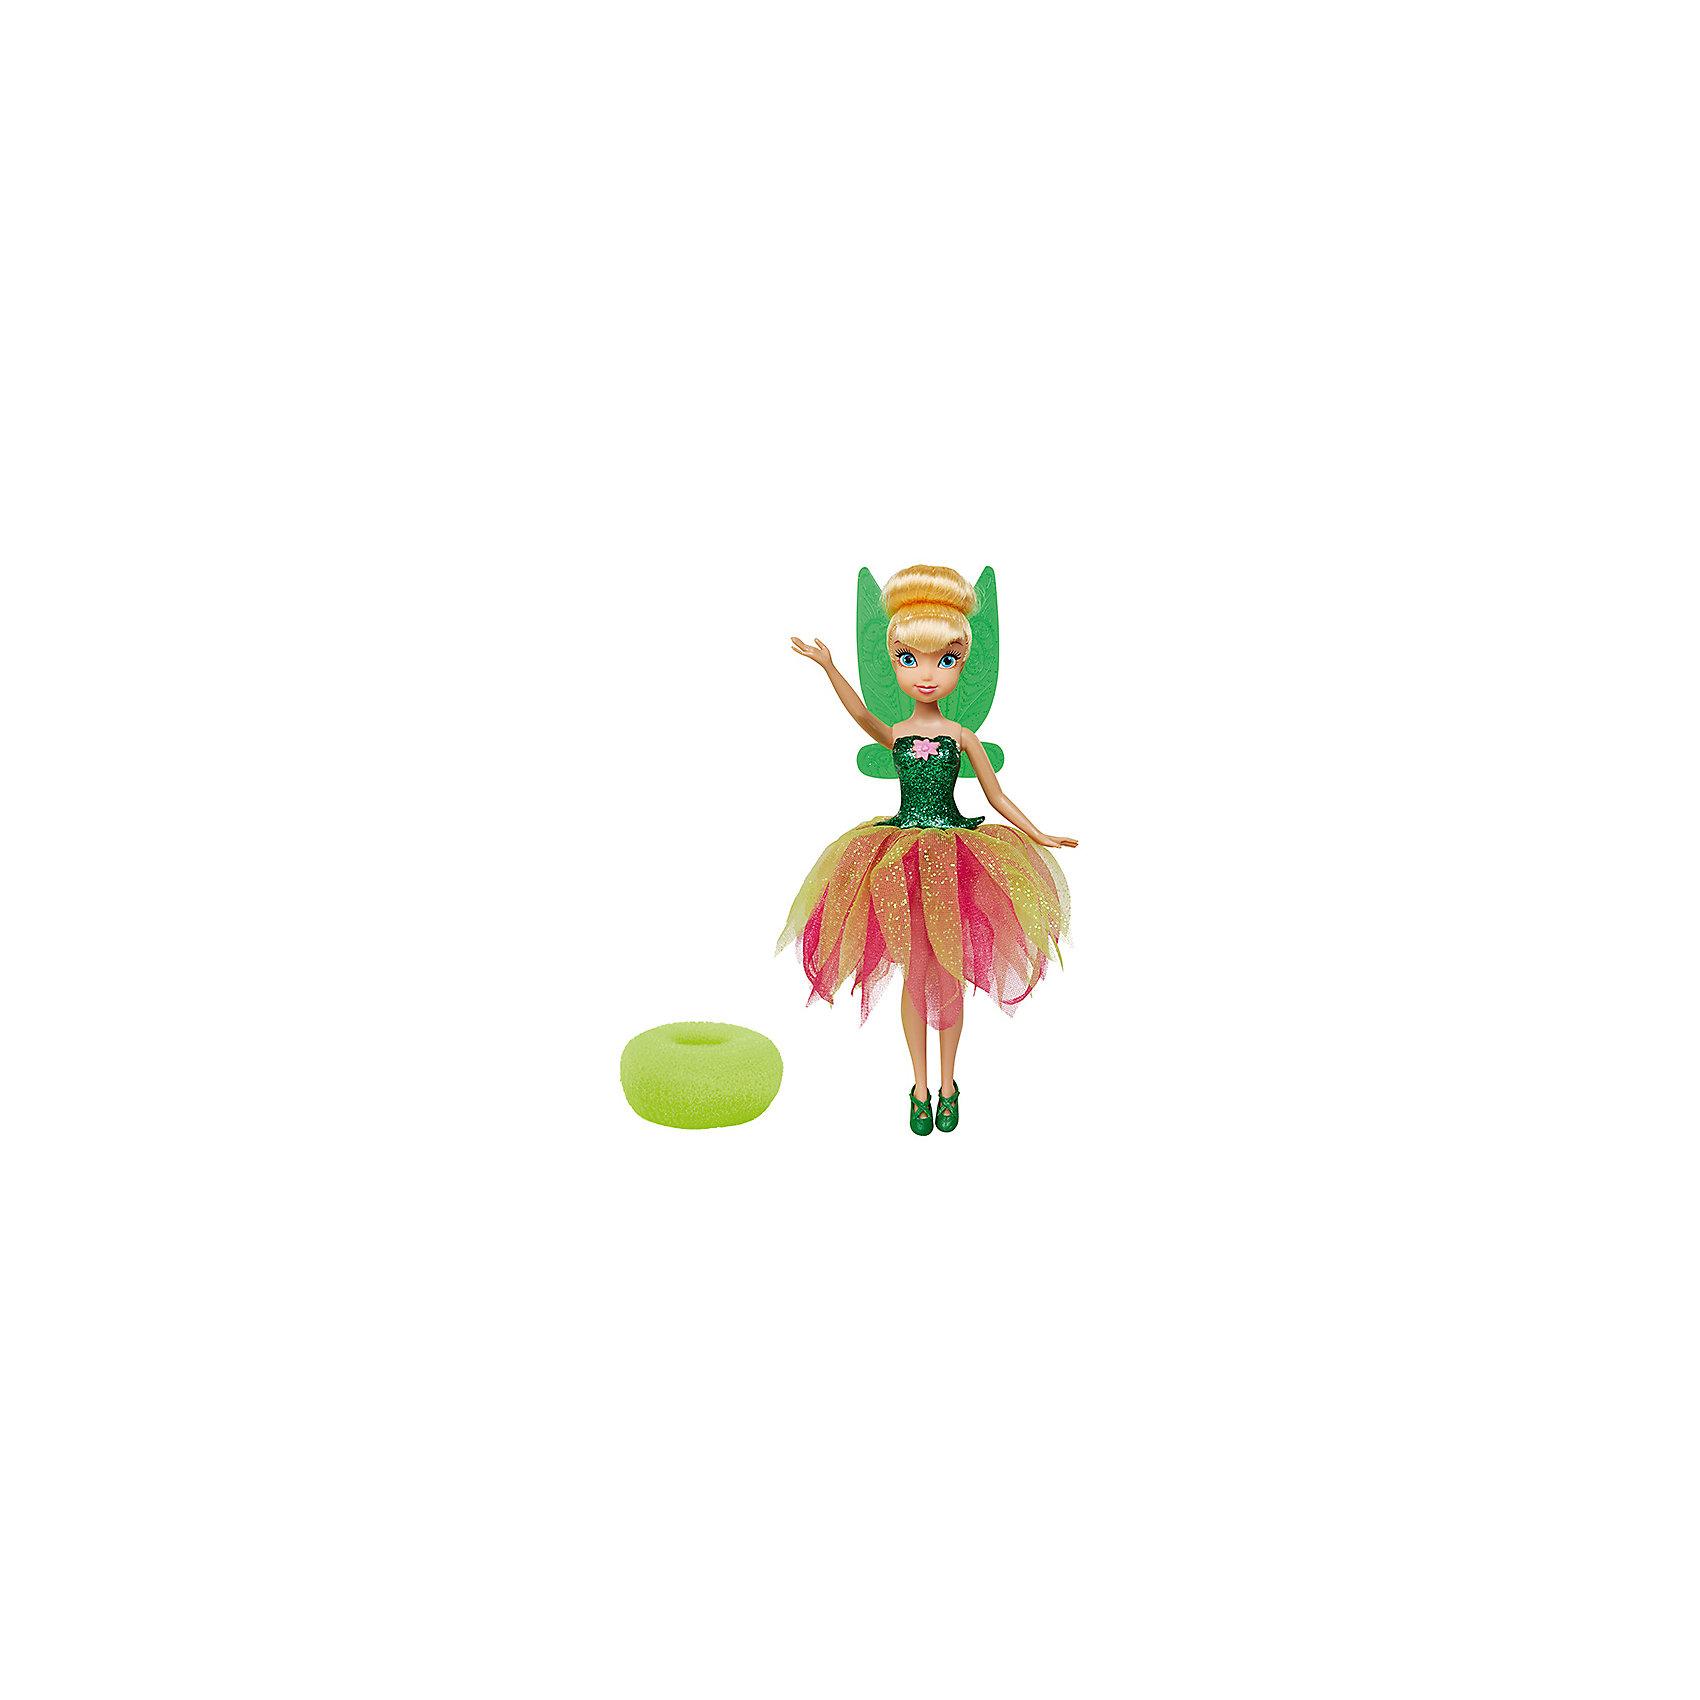 Кукла Фея-Делюкс, 23 см, с резинкой для пучкаХарактеристики товара:<br><br>- цвет: разноцветный;<br>- материал: пластик, текстиль;<br>- особенности: с резинкой для пучка;<br>- размер упаковки: 6 х 33 х 20 см;<br>- размер куклы: 23 см.<br><br>Такие красивые куклы не оставят ребенка равнодушным! Какая девочка откажется поиграть с куклой в виде любимой героини - феи из мультфильма?! Игрушка отлично детализирована, очень качественно выполнена, поэтому она станет отличным подарком ребенку. В наборе идет платье, которое преврашается в резинку для волос, которую можно полноценно использовать!<br>Изделие произведено из высококачественного материала, безопасного для детей.<br><br>Куклу Фея-Делюкс, 23 см, с резинкой для пучка можно купить в нашем интернет-магазине.<br><br>Ширина мм: 210<br>Глубина мм: 330<br>Высота мм: 70<br>Вес г: 368<br>Возраст от месяцев: 36<br>Возраст до месяцев: 2147483647<br>Пол: Женский<br>Возраст: Детский<br>SKU: 5051997